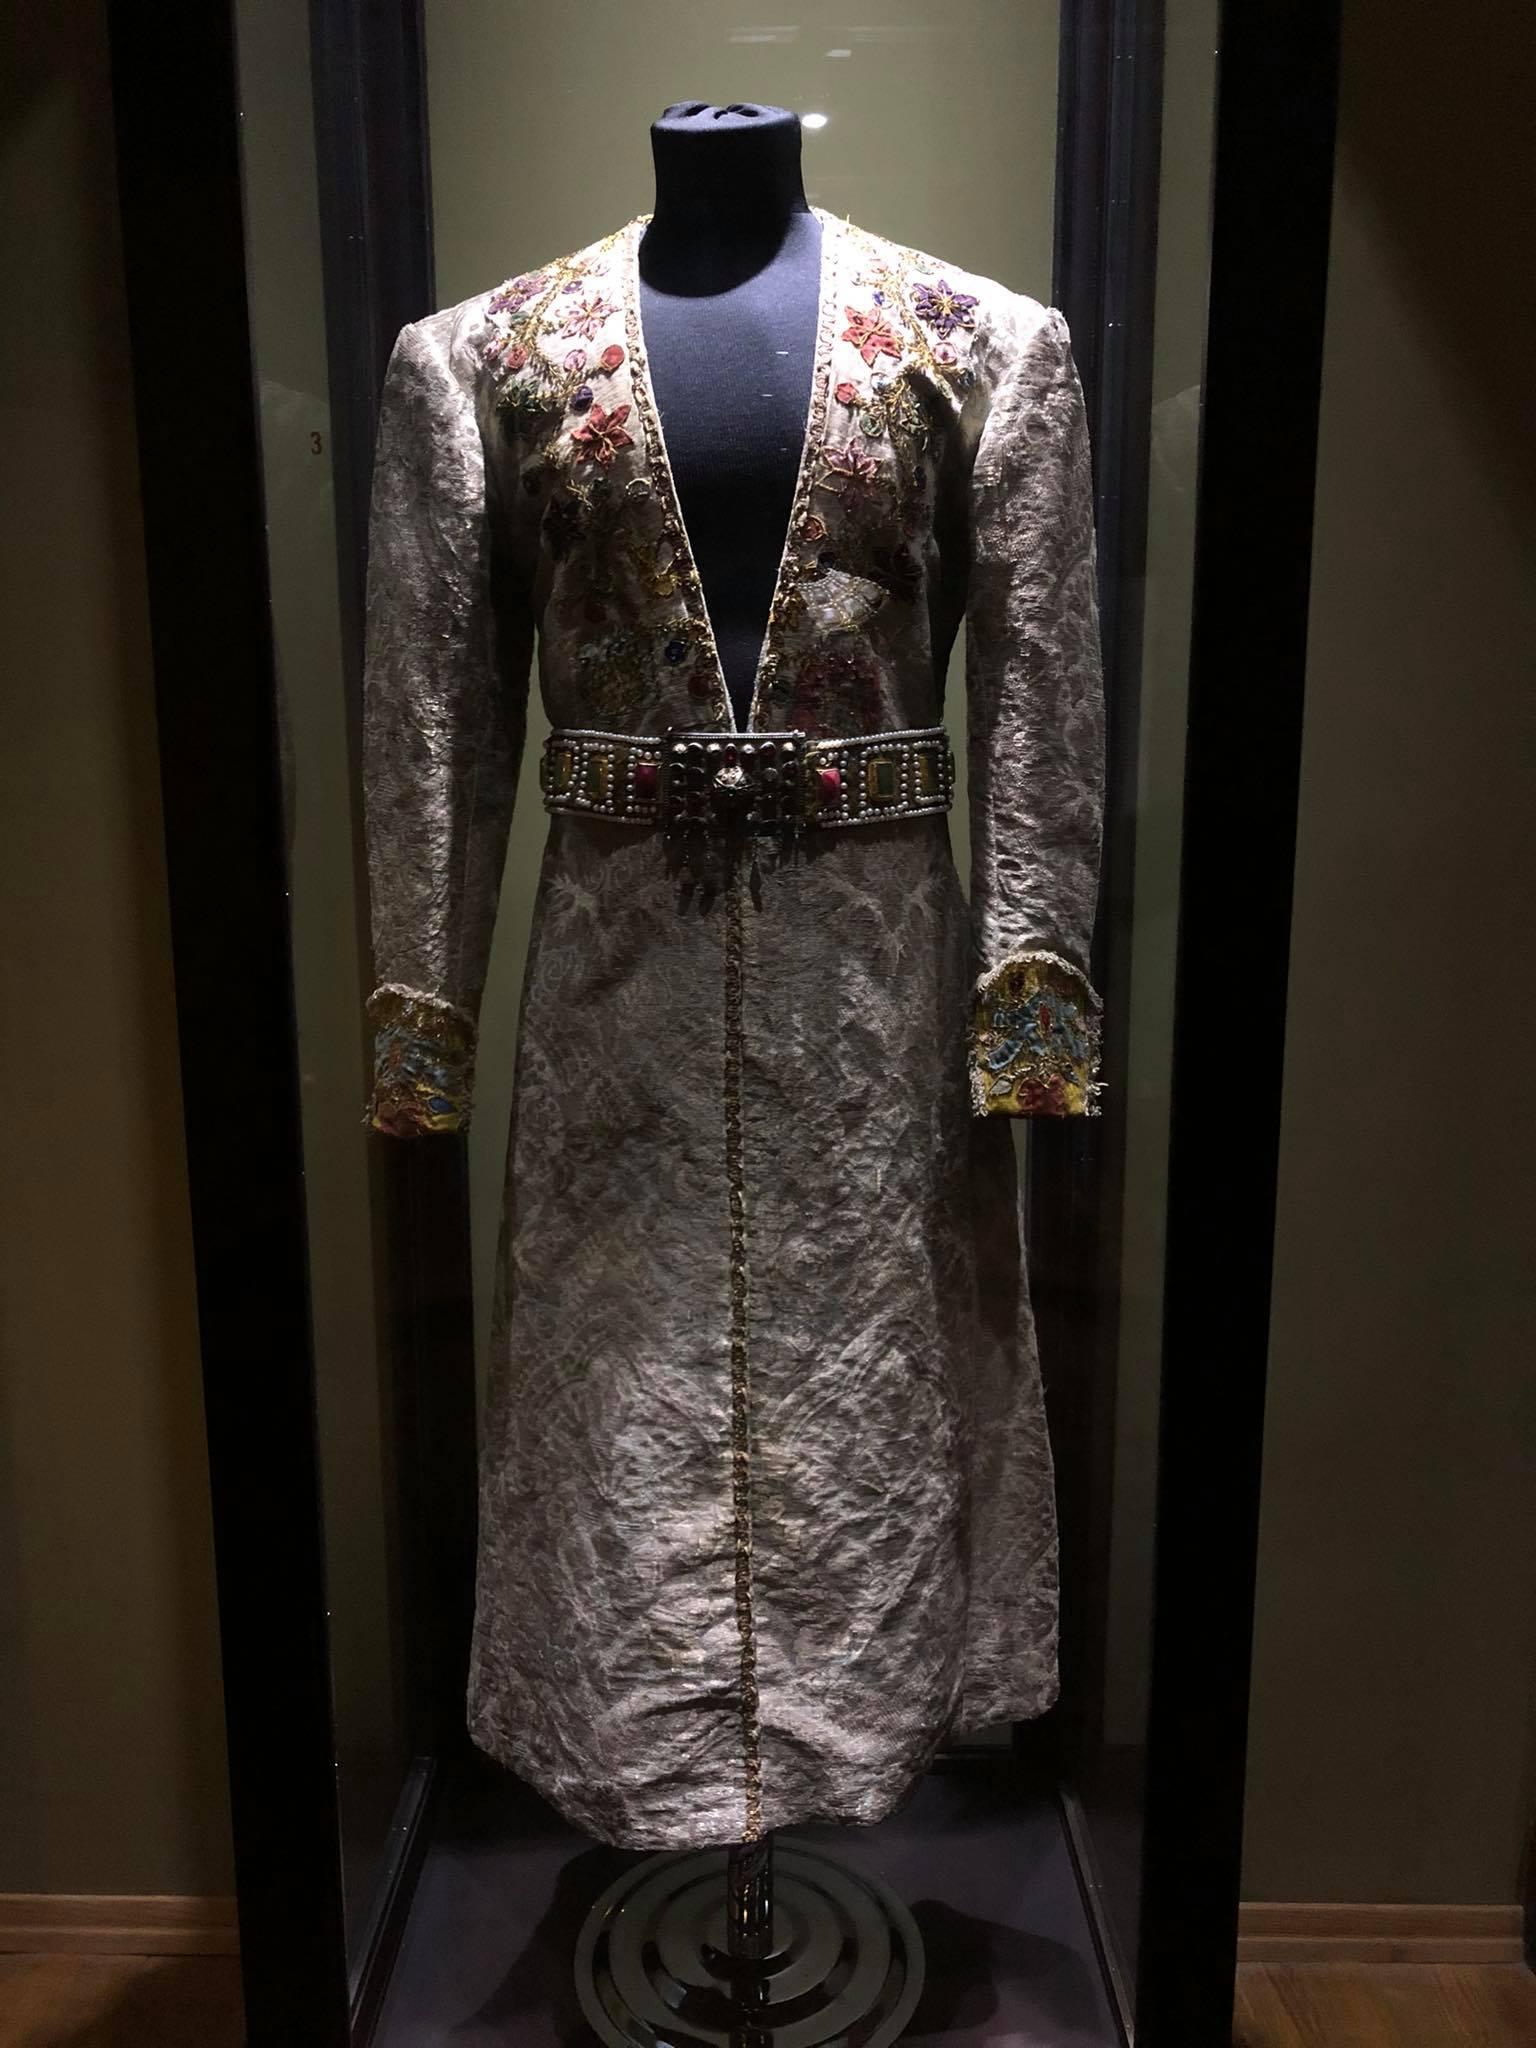 188602160 3749007558554722 76028868643611649 n Другая SOVA featured, Георгий Каландия, Дворец искусств, мода, национальный костюм, чоха